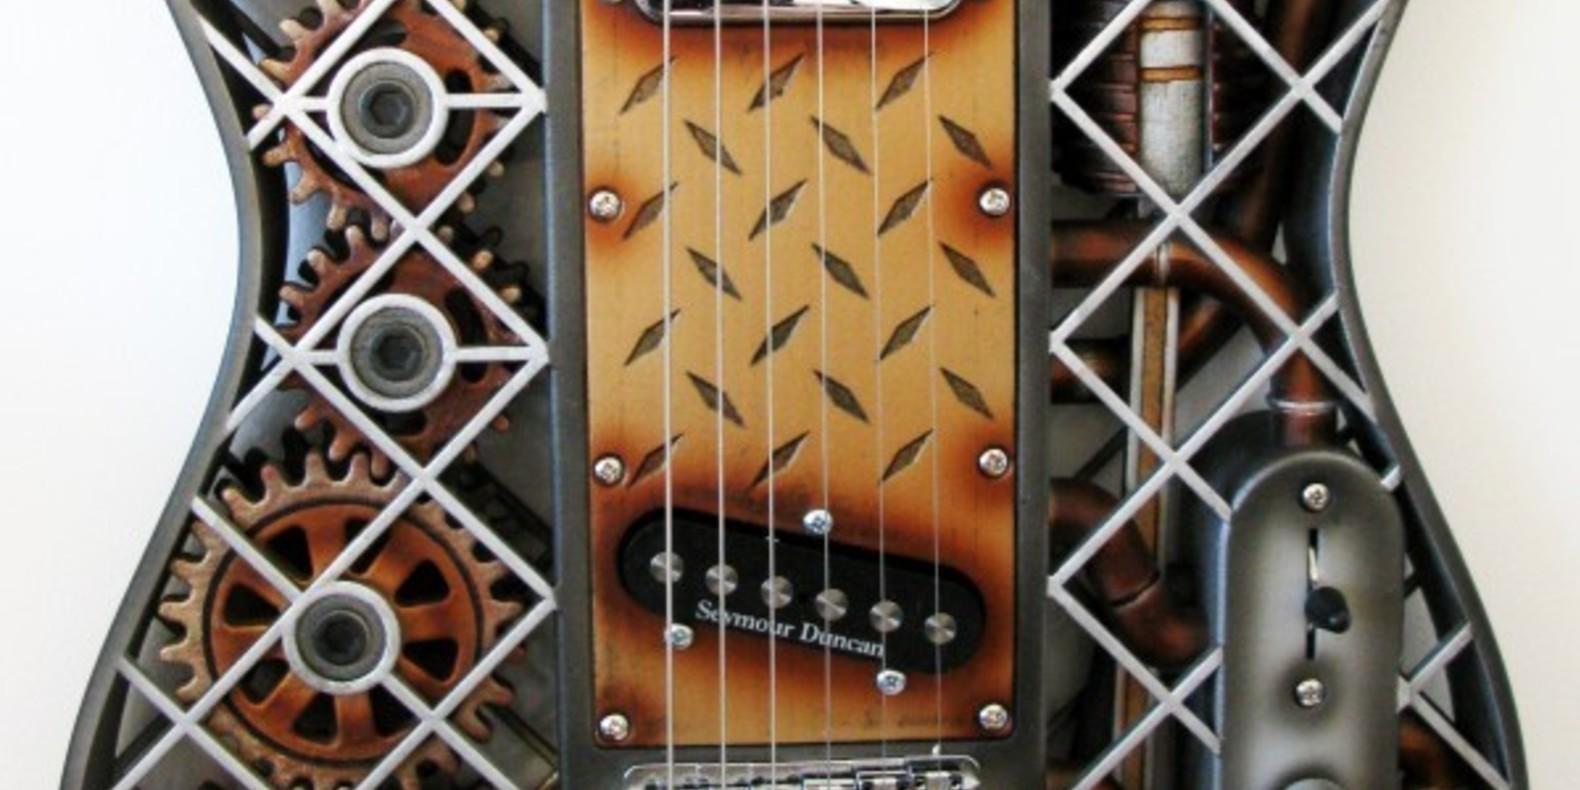 A steampunk guitar printed in 3D